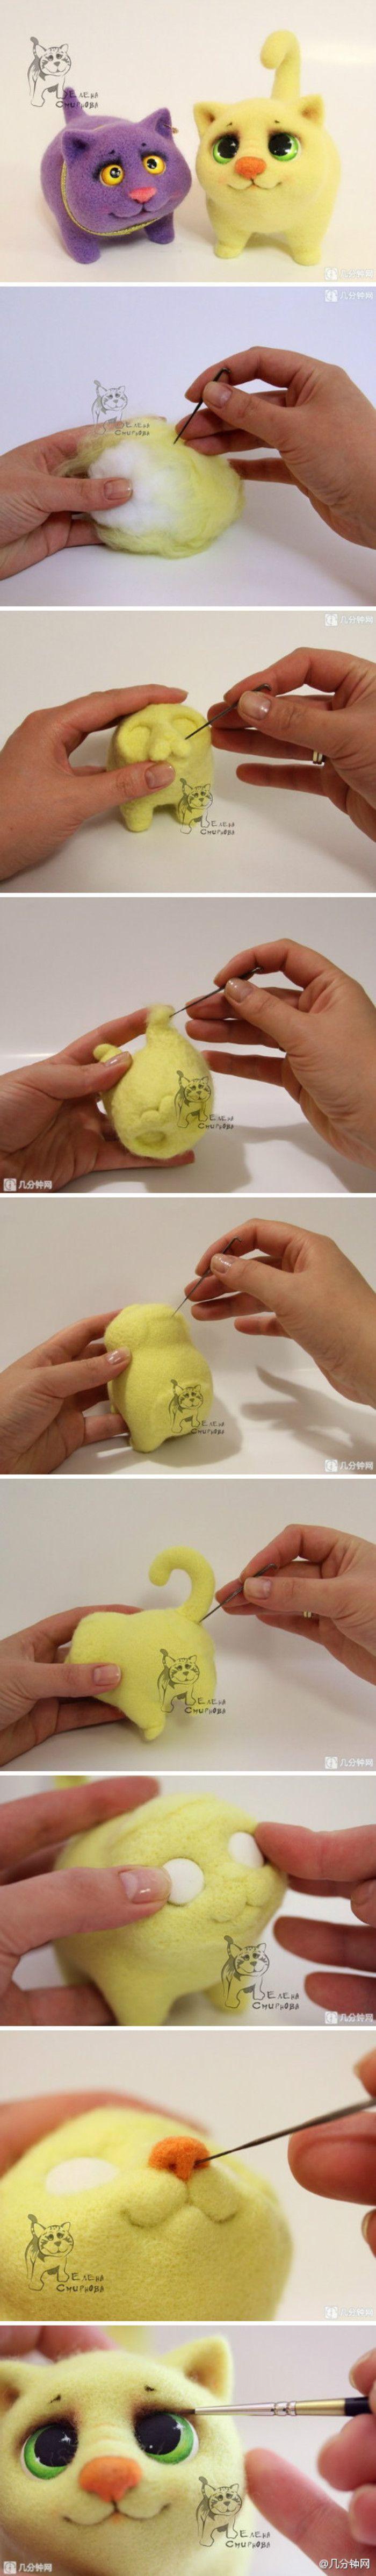 羊毛毡戳萌猫玩偶,小眼神太萌了http://t.cn/zl87eYp 几分钟网有很多羊毛毡教程:http://t.cn/zl87eY0